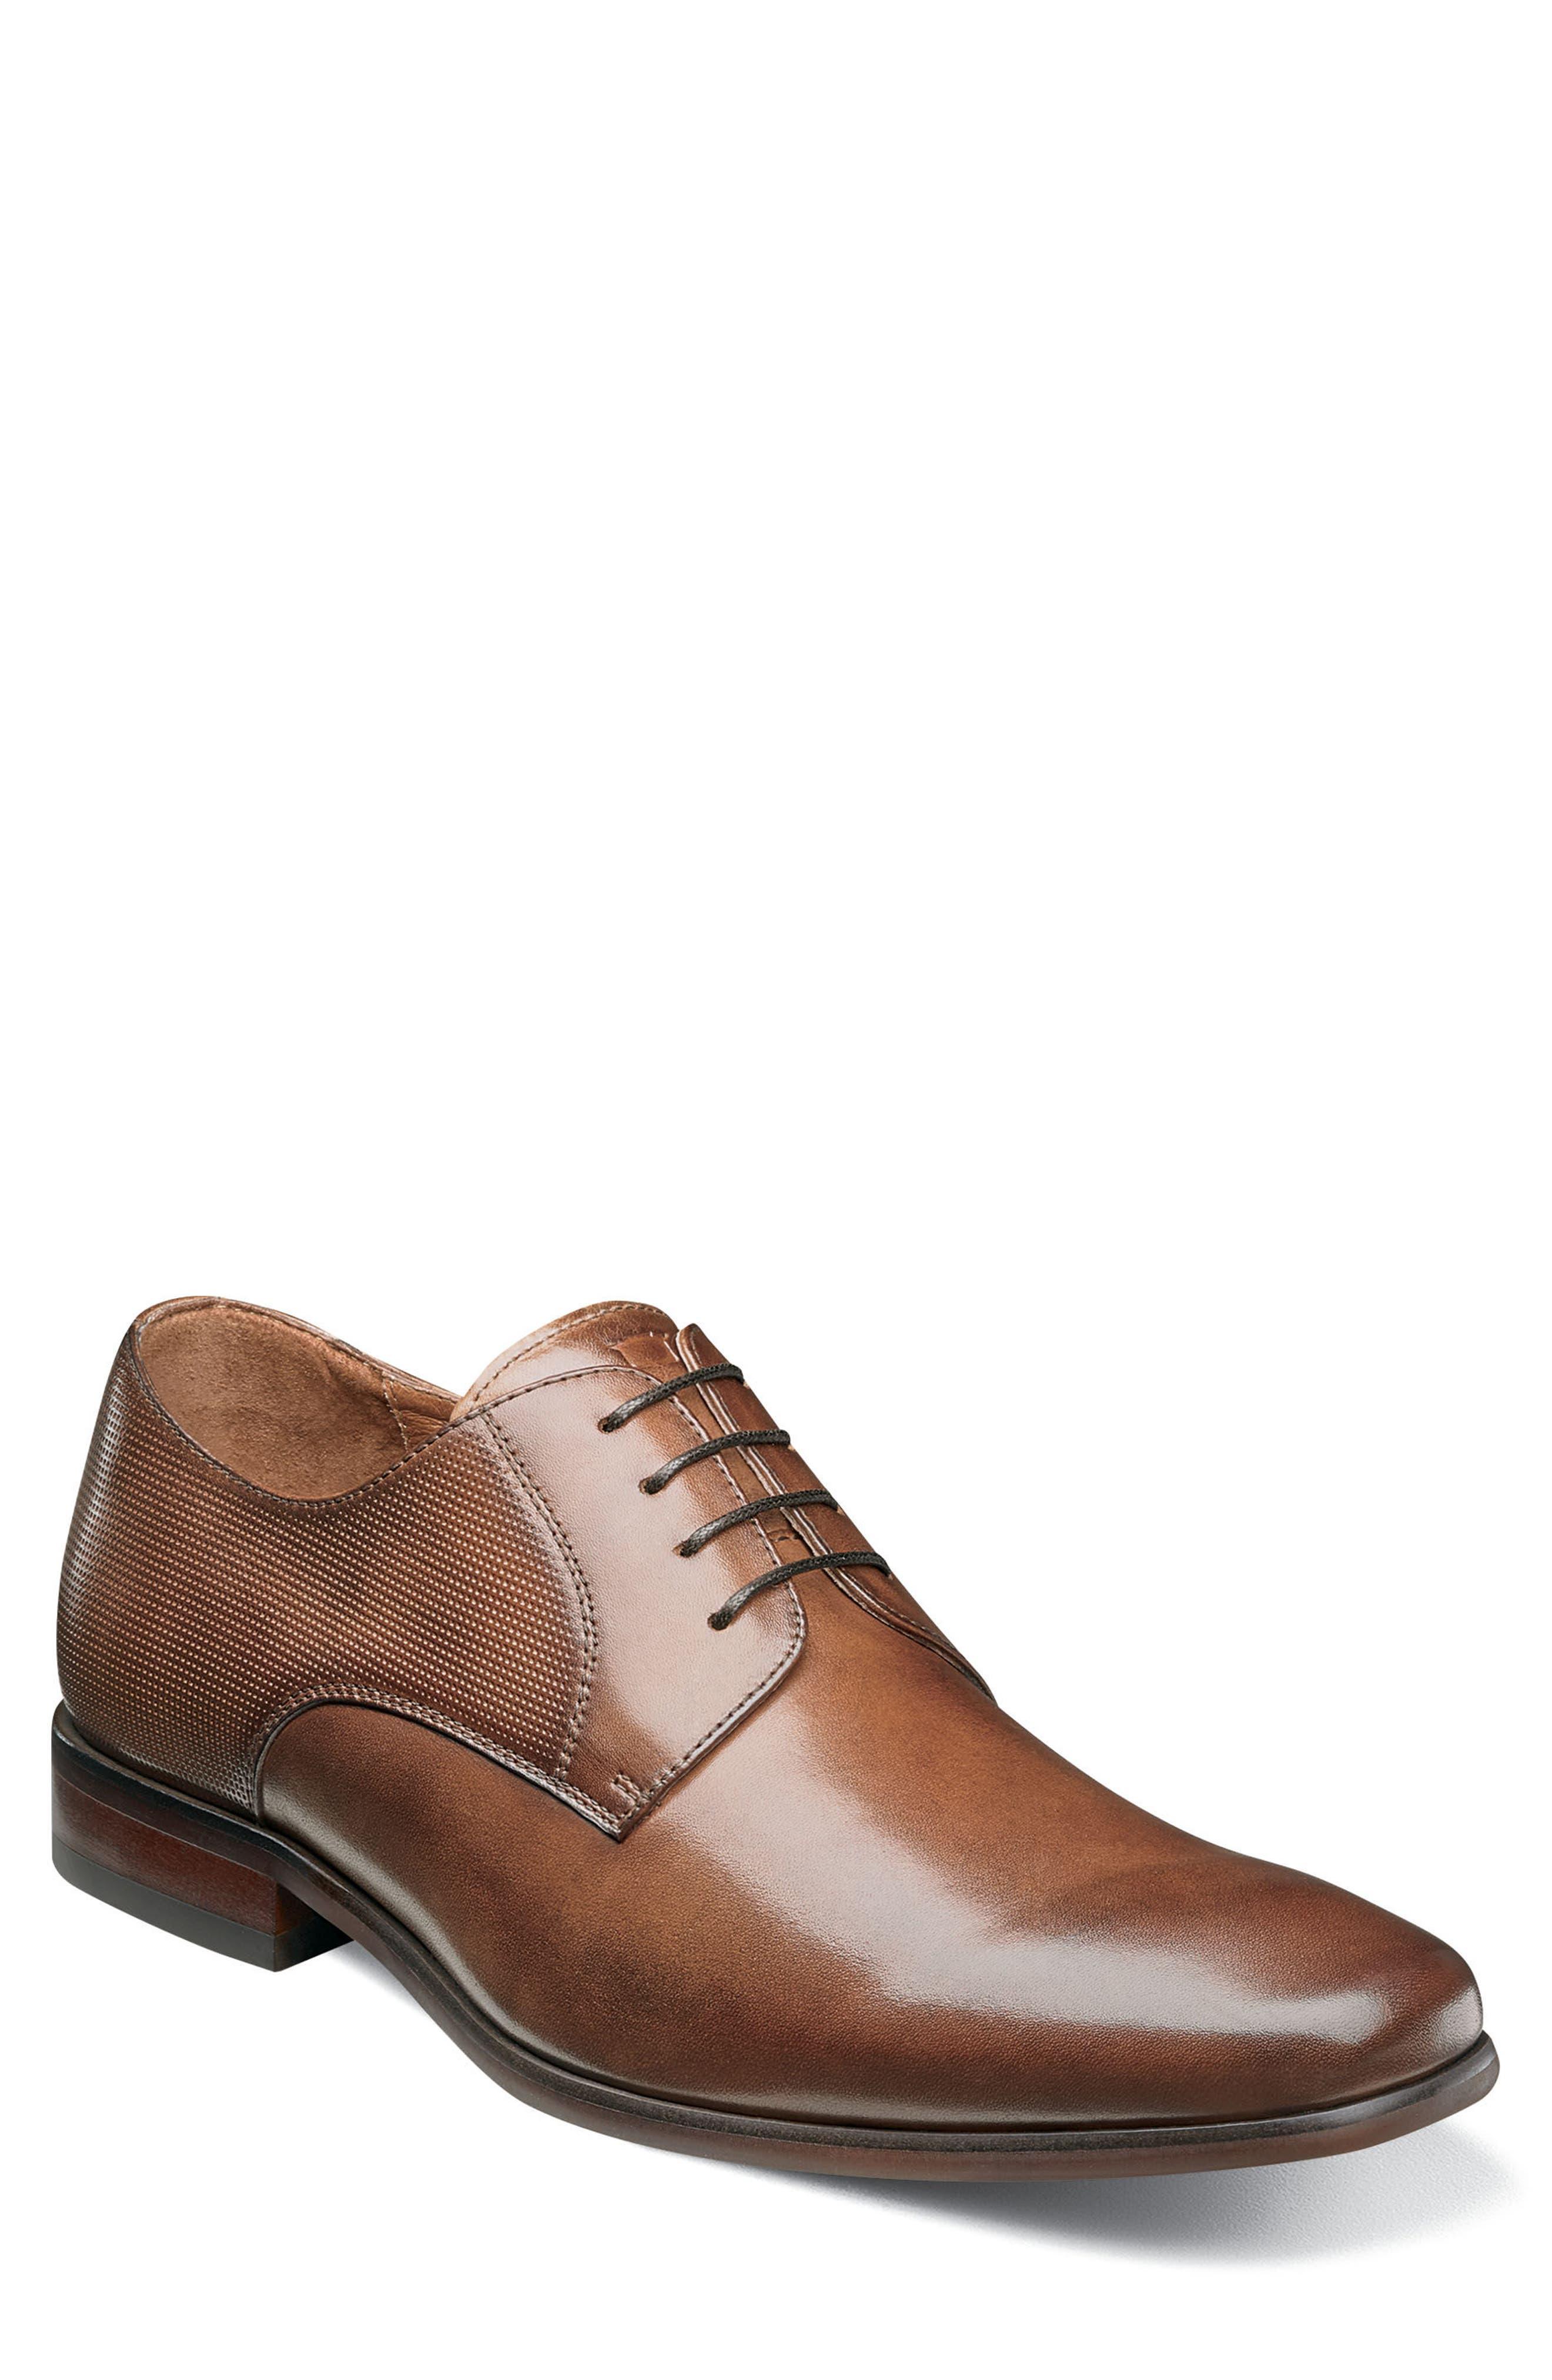 FLORSHEIM,                             Postino Textured Plain Toe Derby,                             Main thumbnail 1, color,                             COGNAC LEATHER